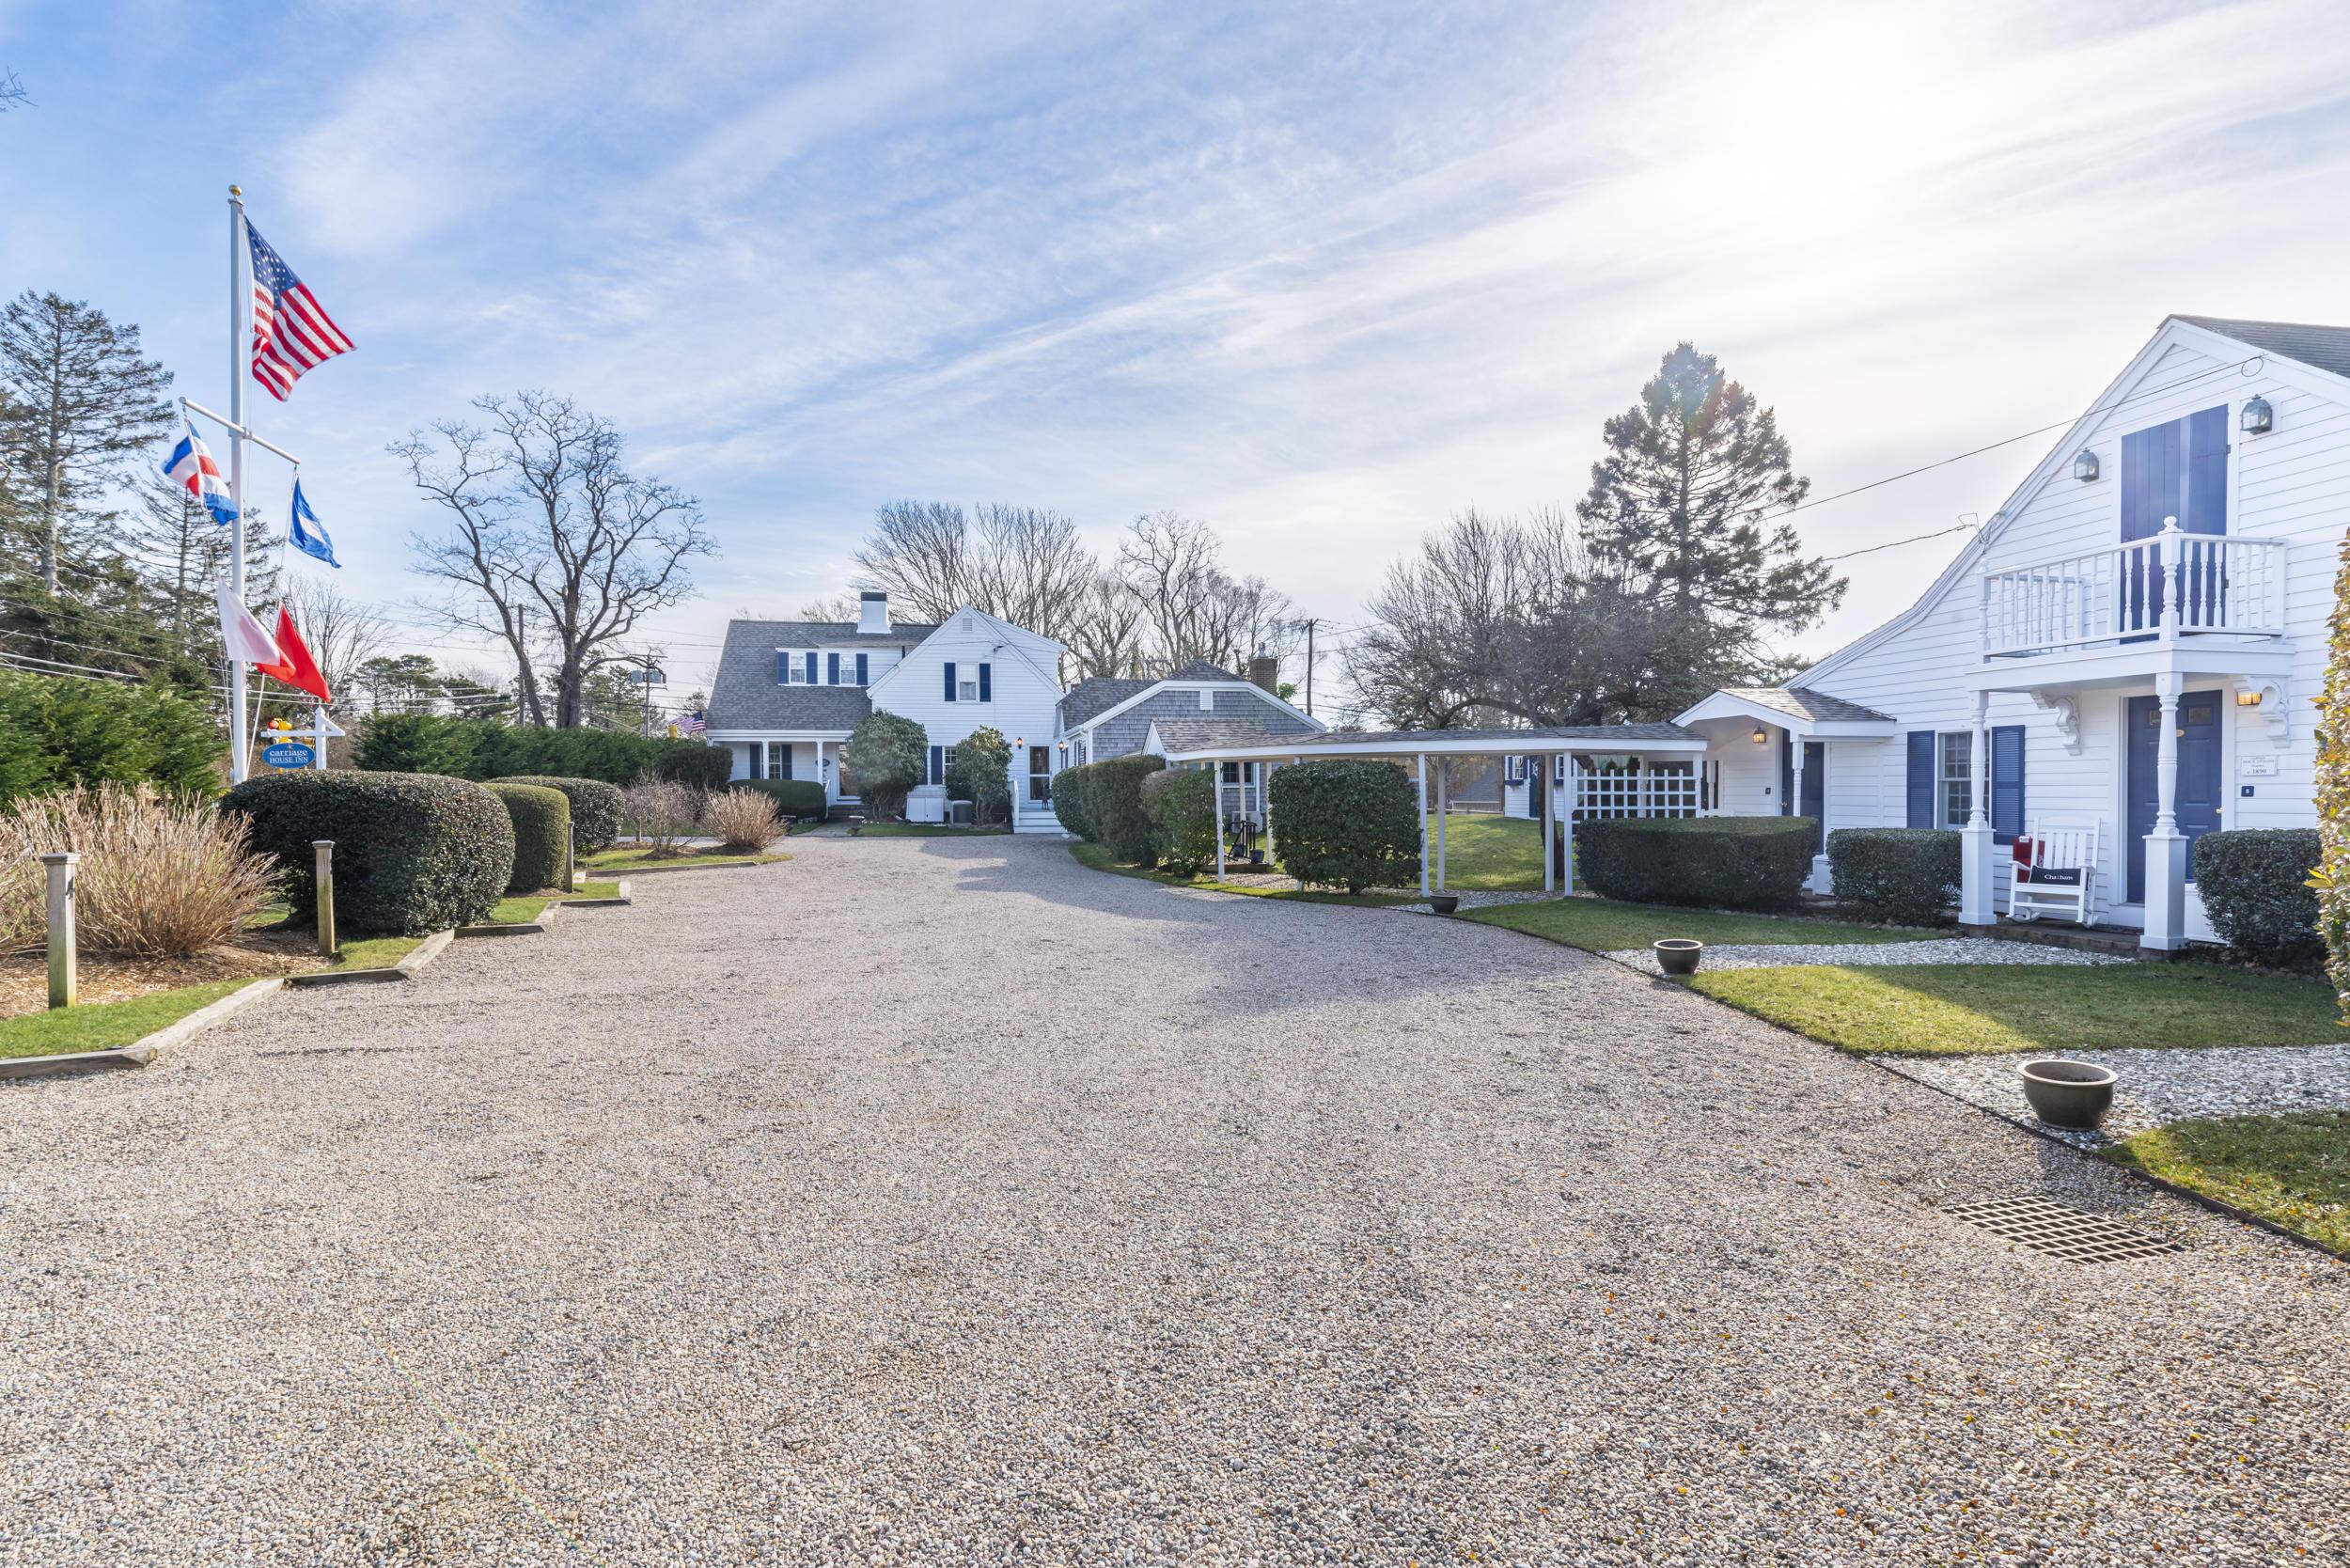 407 Old Harbor Road, Chatham, MA  02633 - slide 2